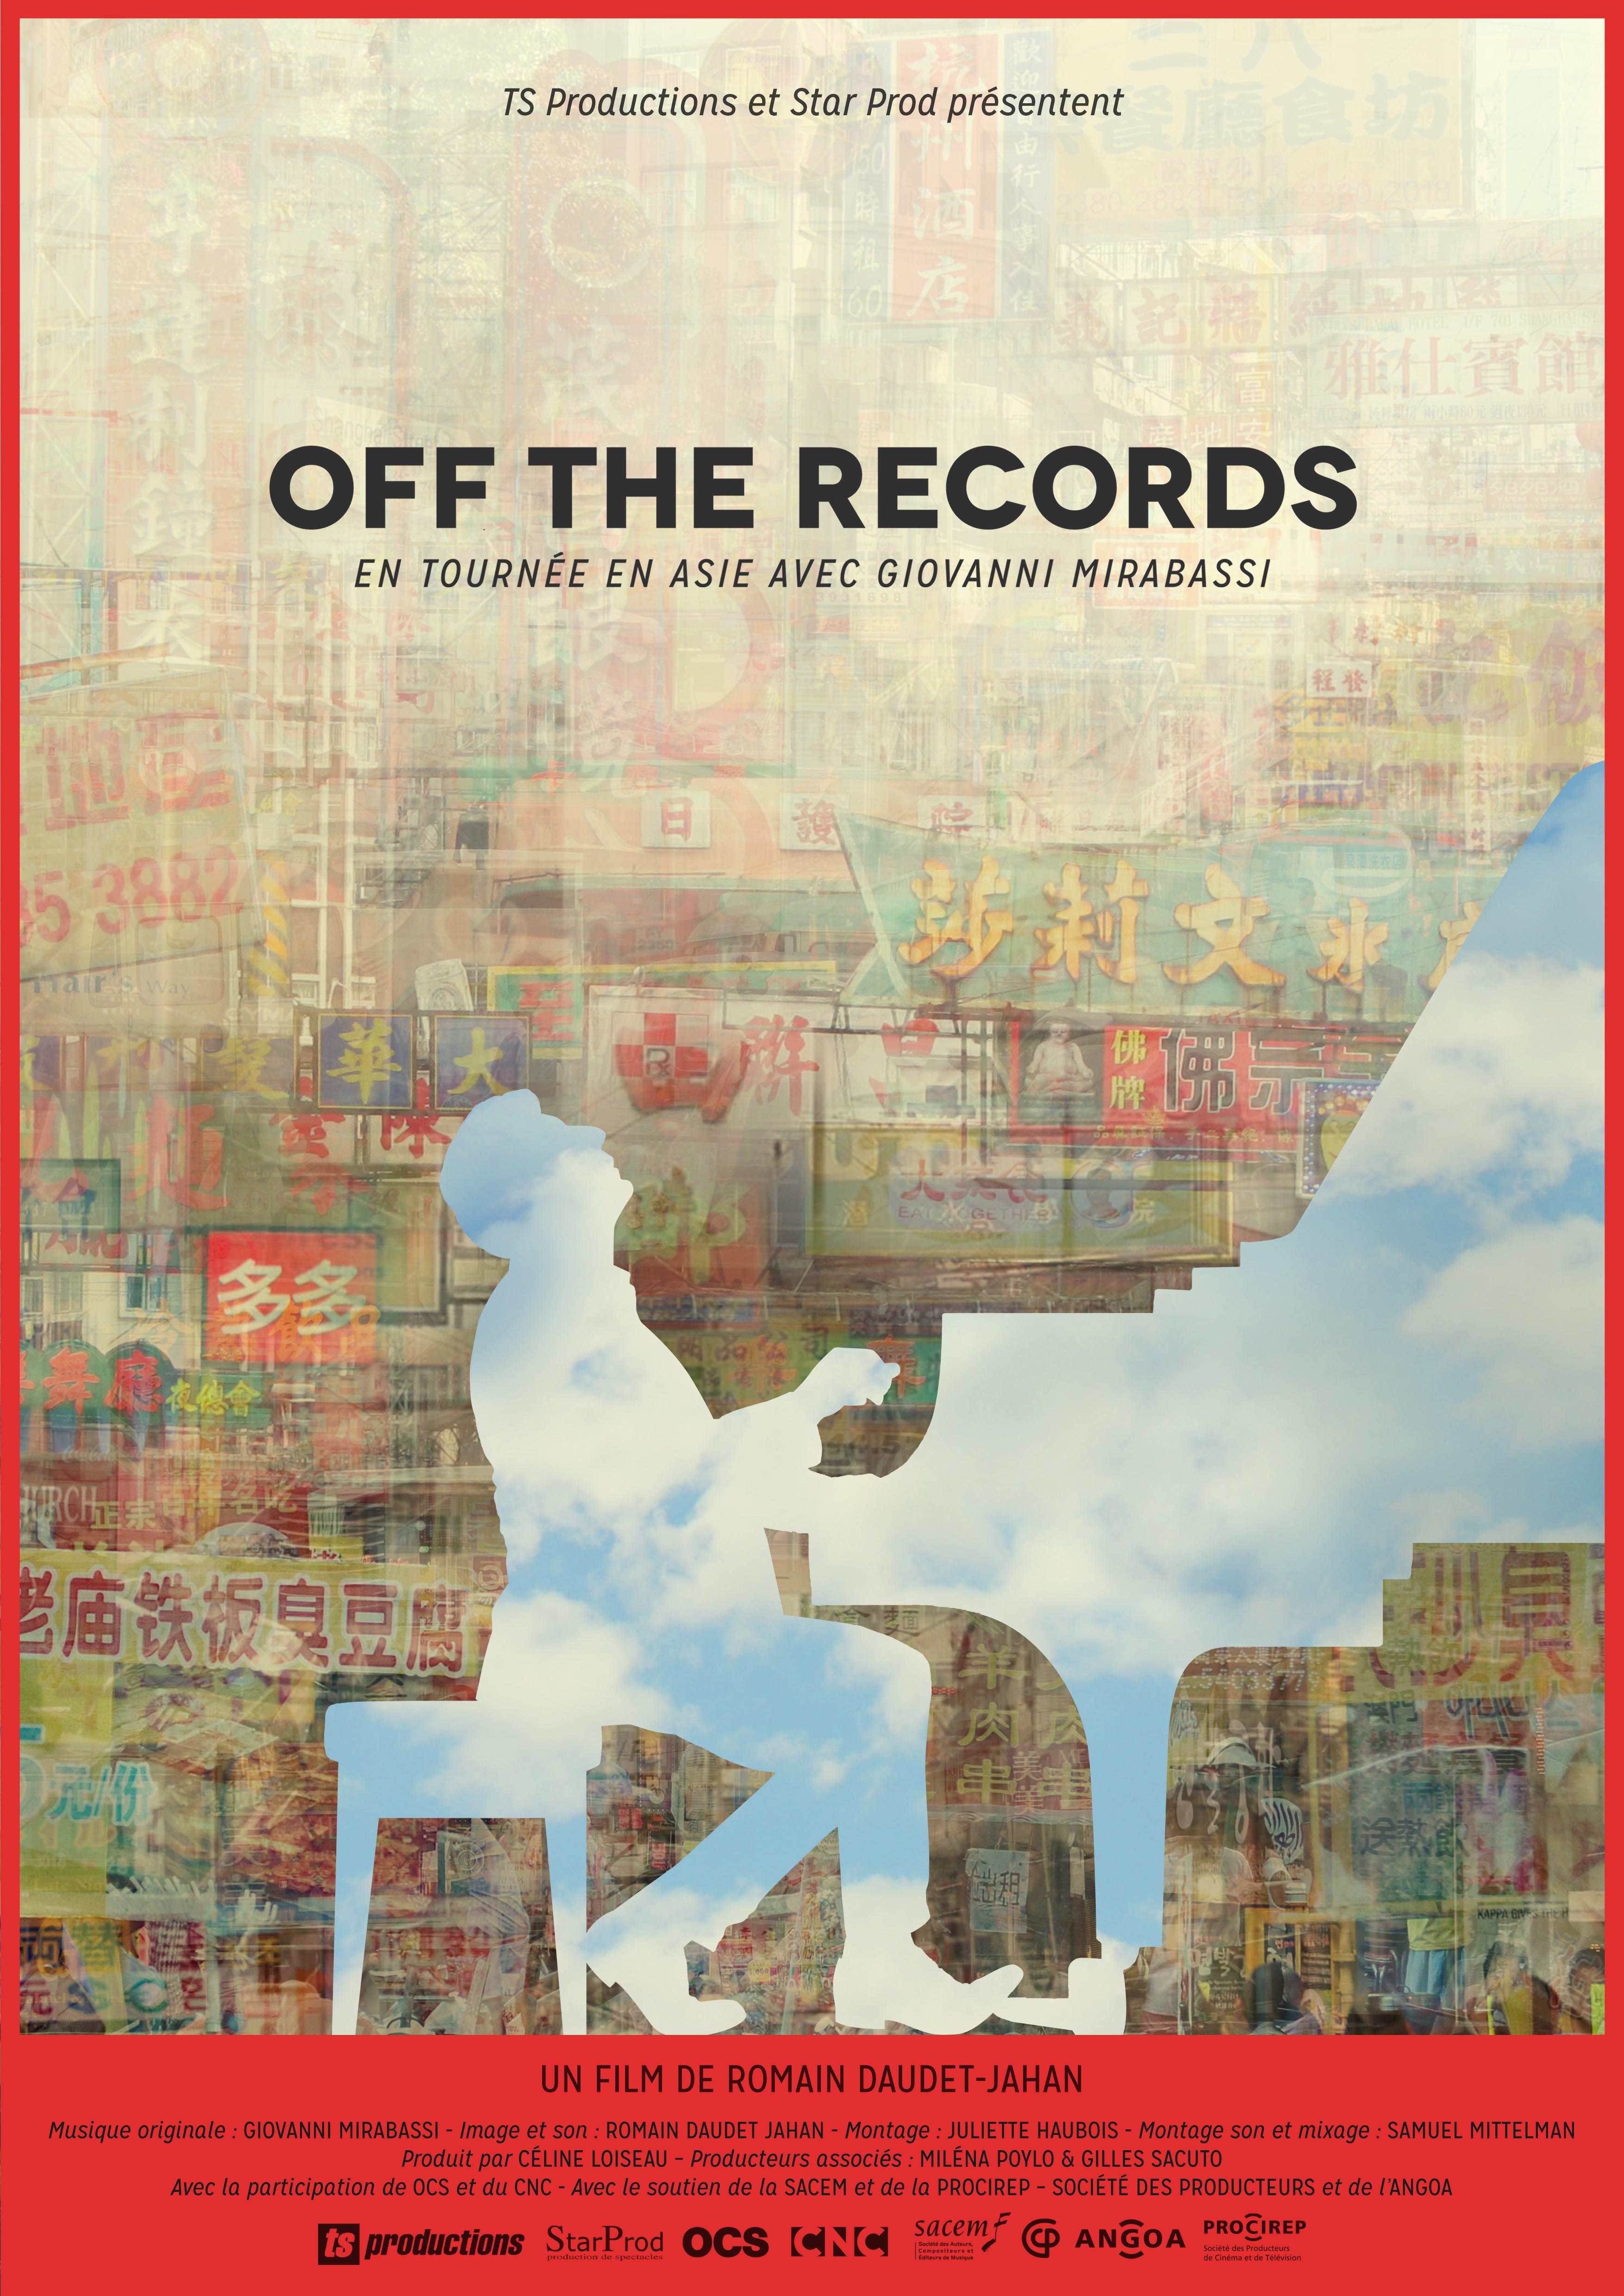 Off the Records, en tournée avec Giovanni Mirabassi - Romain Daudet Jahan